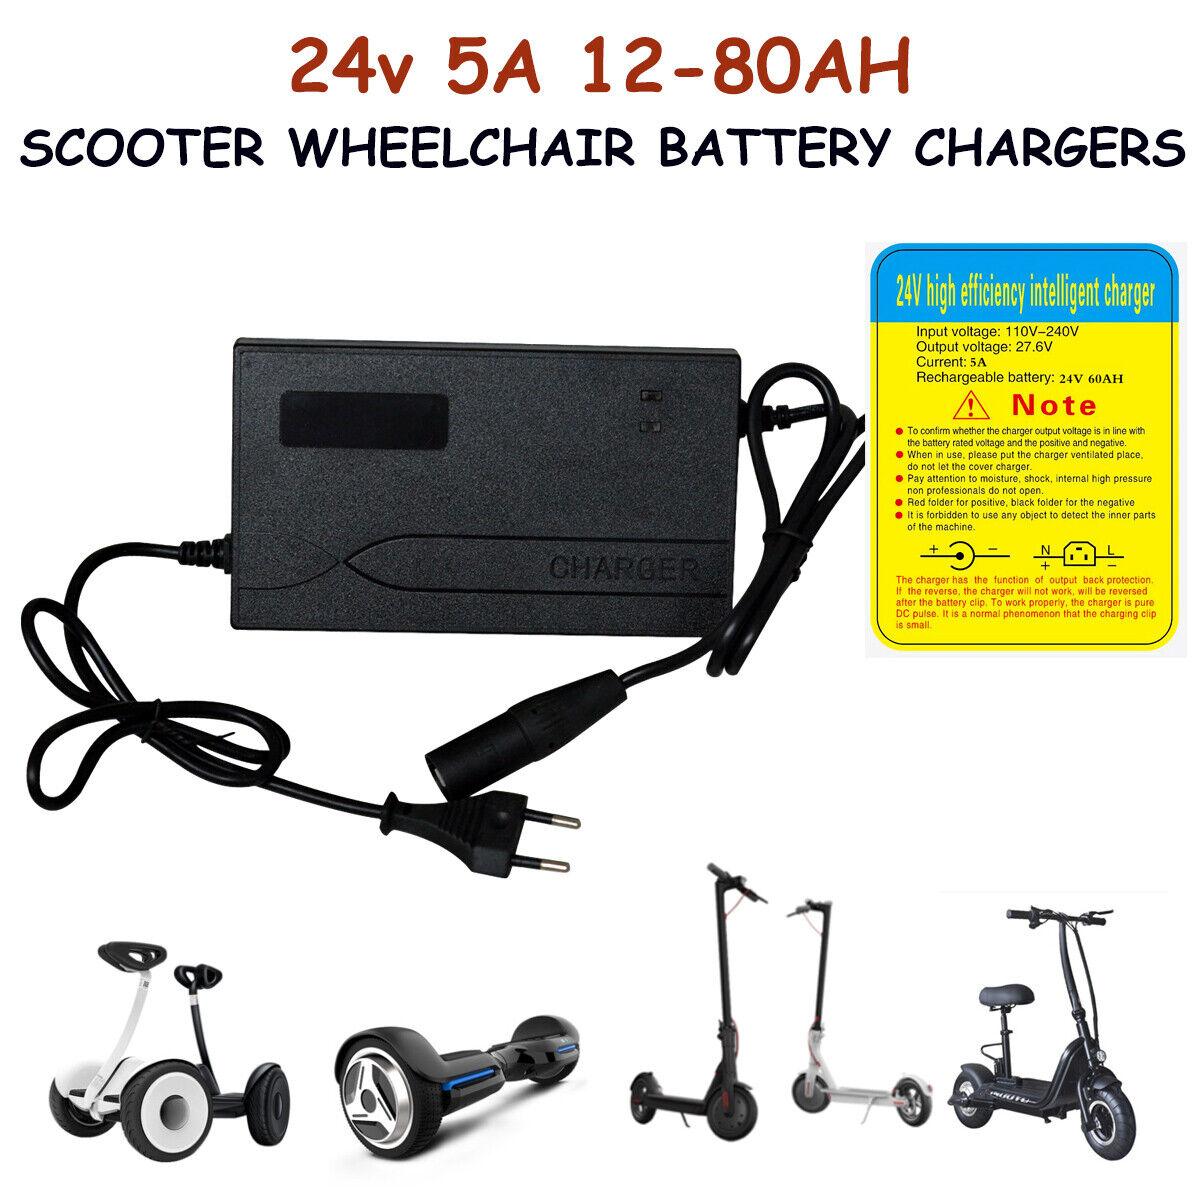 24V vélo électrique scooter mobilité scooter lead acid battery charger